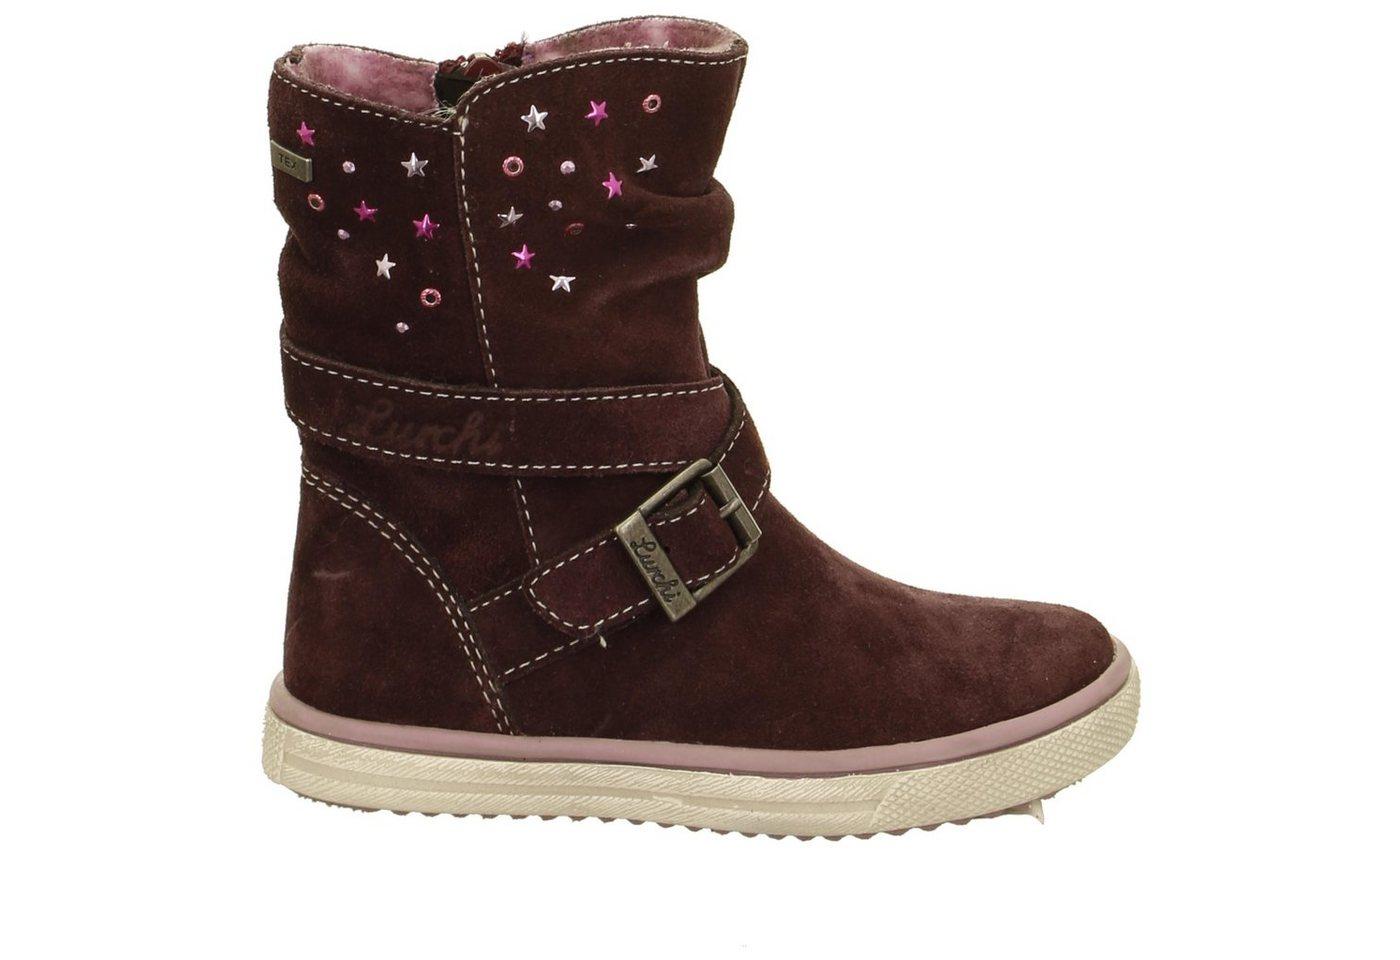 Lurchi »Cina Tex« Winterstiefel mit Tex-Ausstattung   Schuhe > Boots > Winterstiefel   Rot   Lurchi